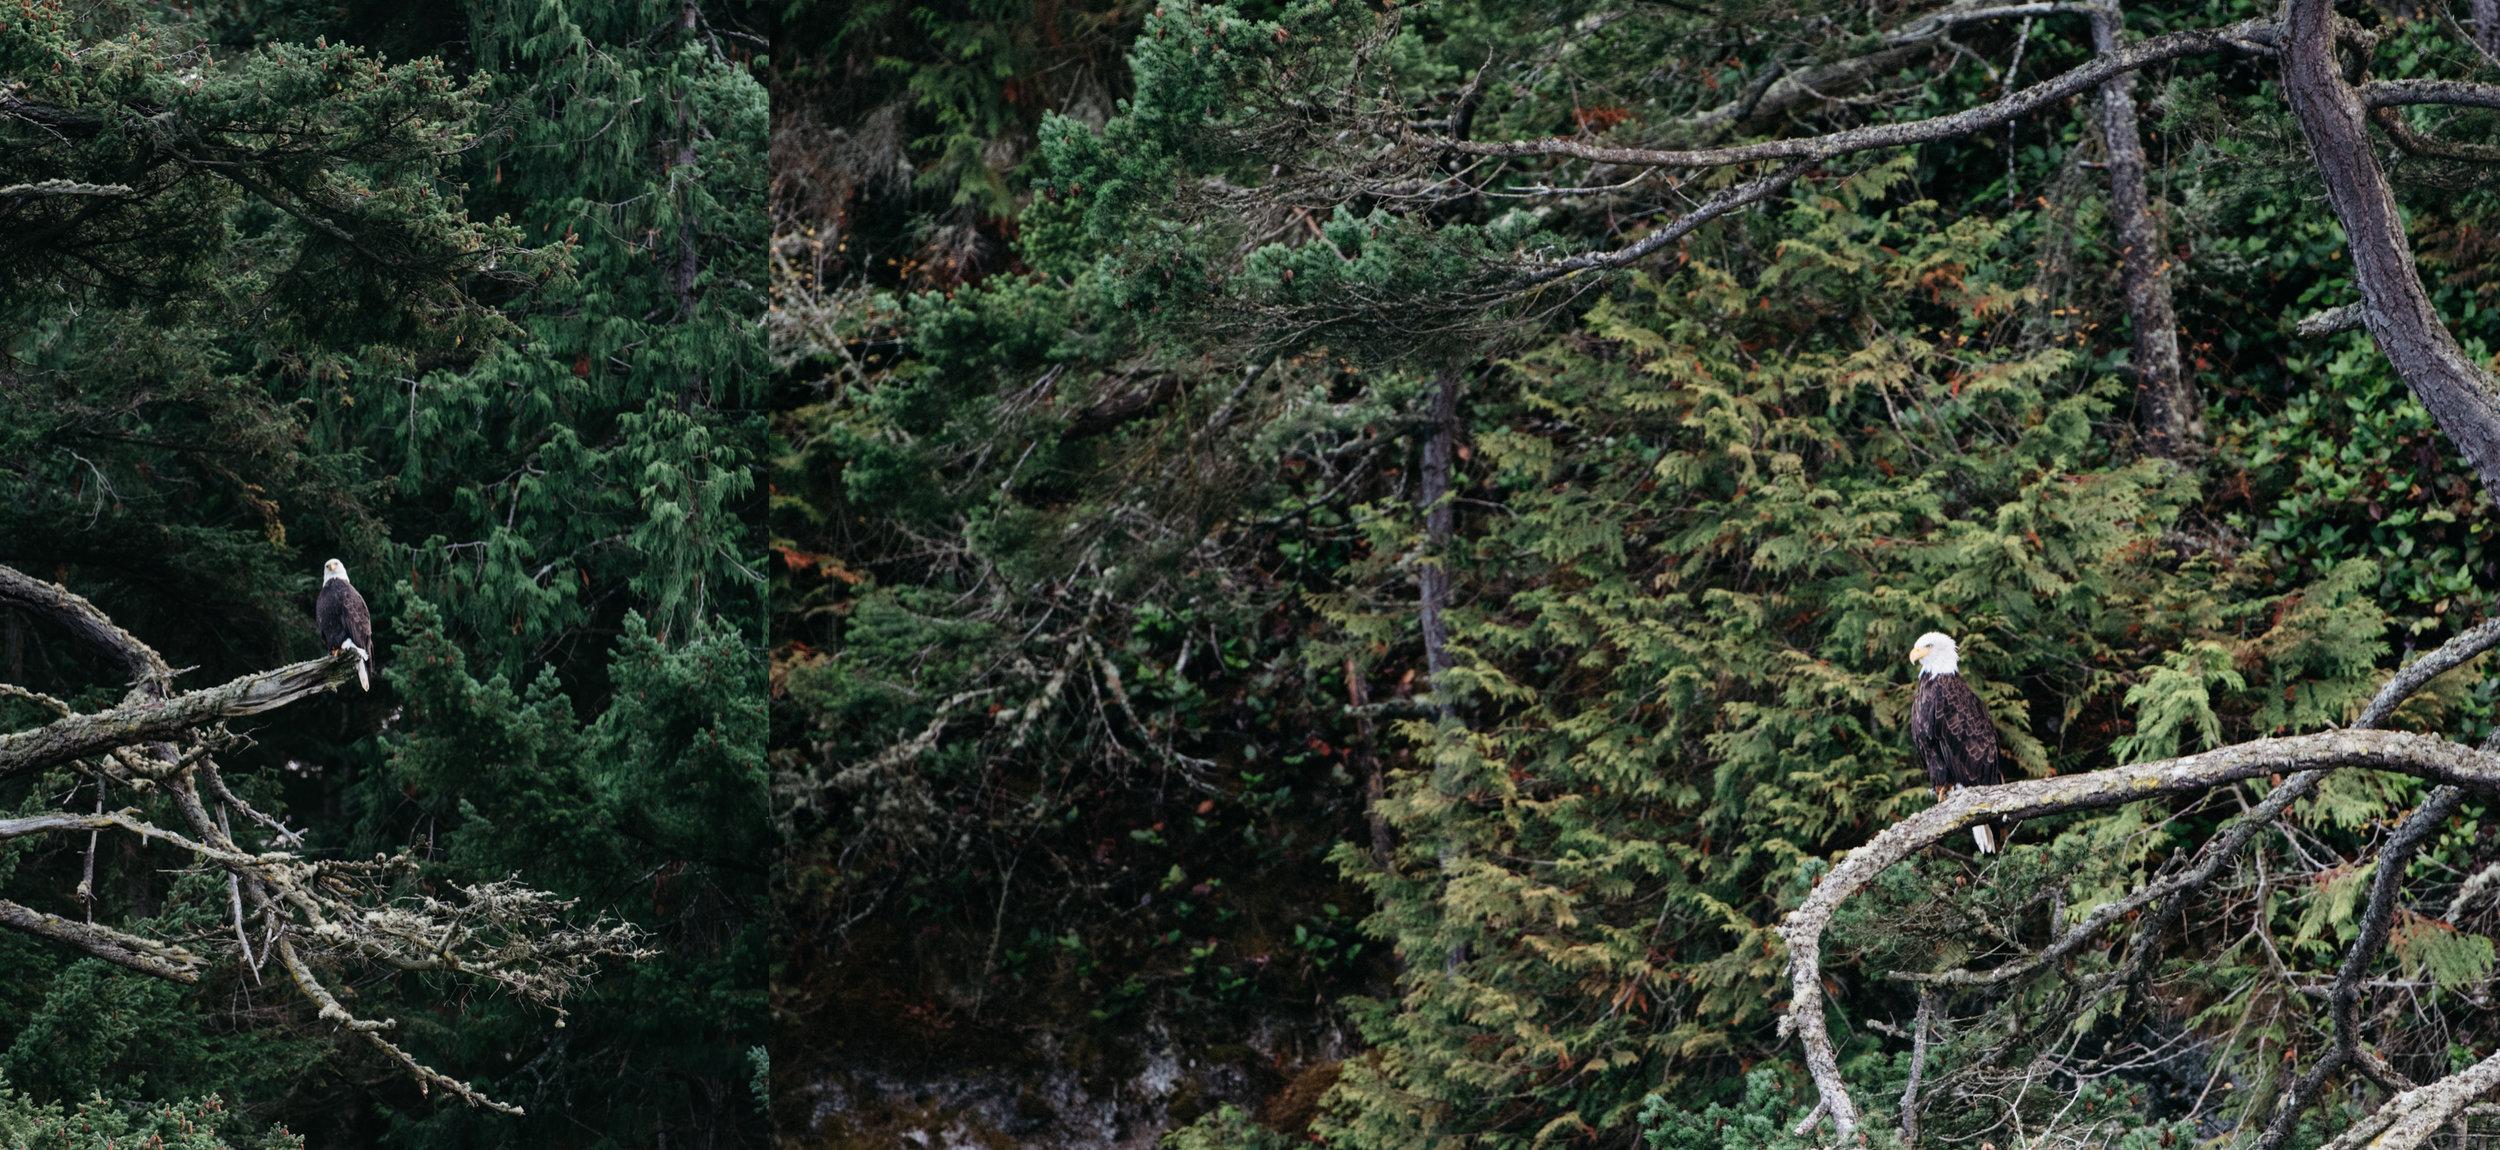 bald eagle anacortes washing travel photography.jpg